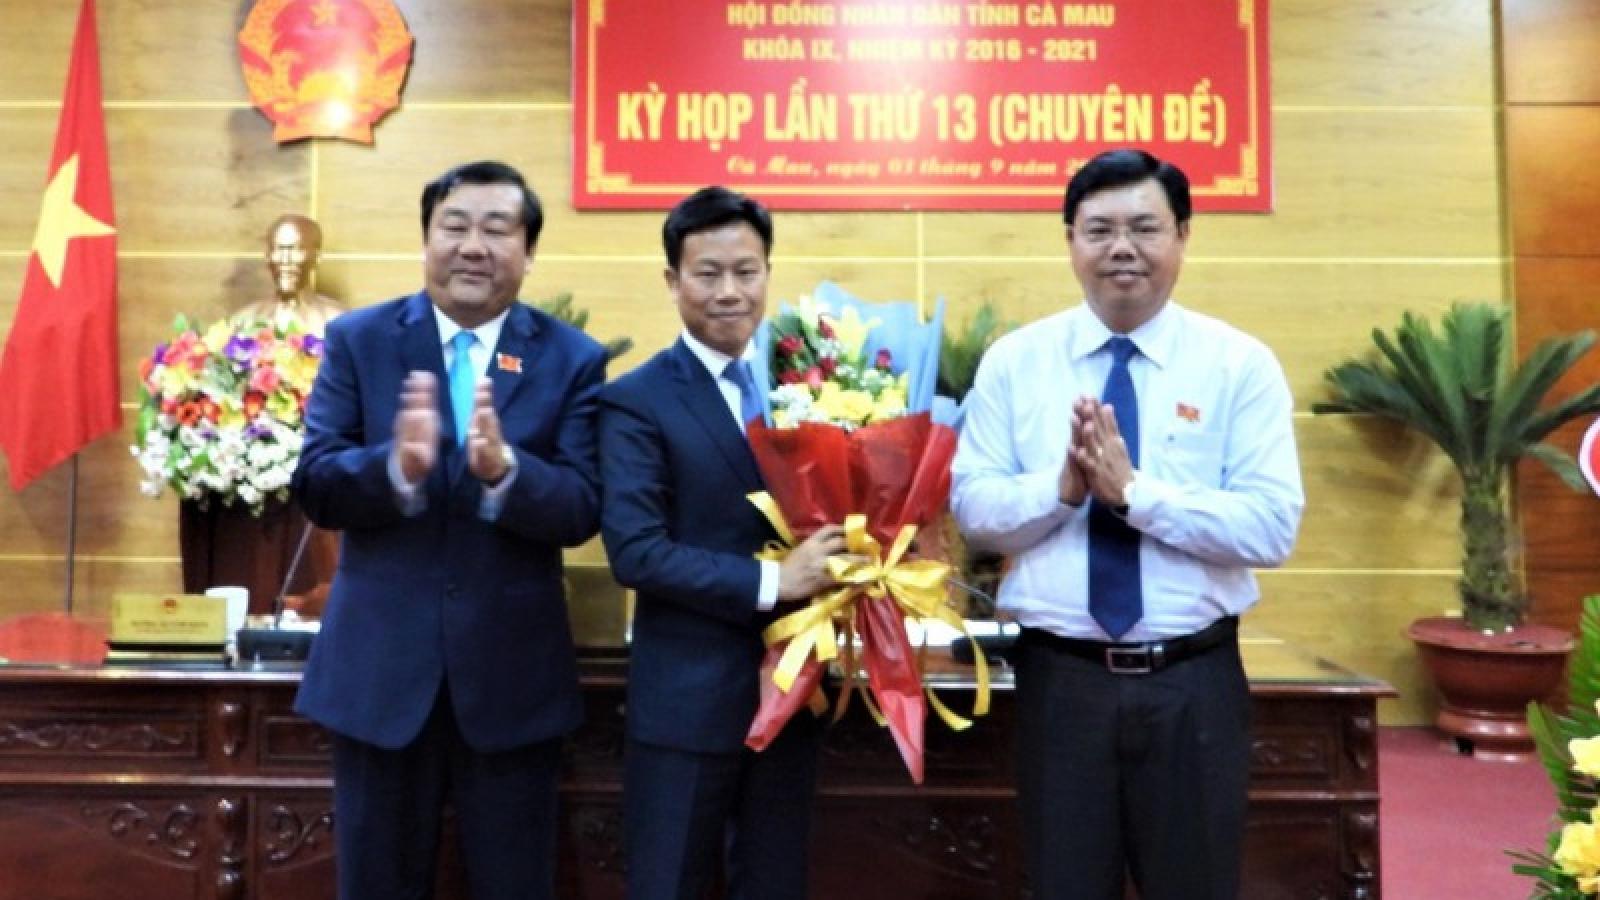 Ông Lê Quân được bầu giữ chức Chủ tịch UBND tỉnh Cà Mau